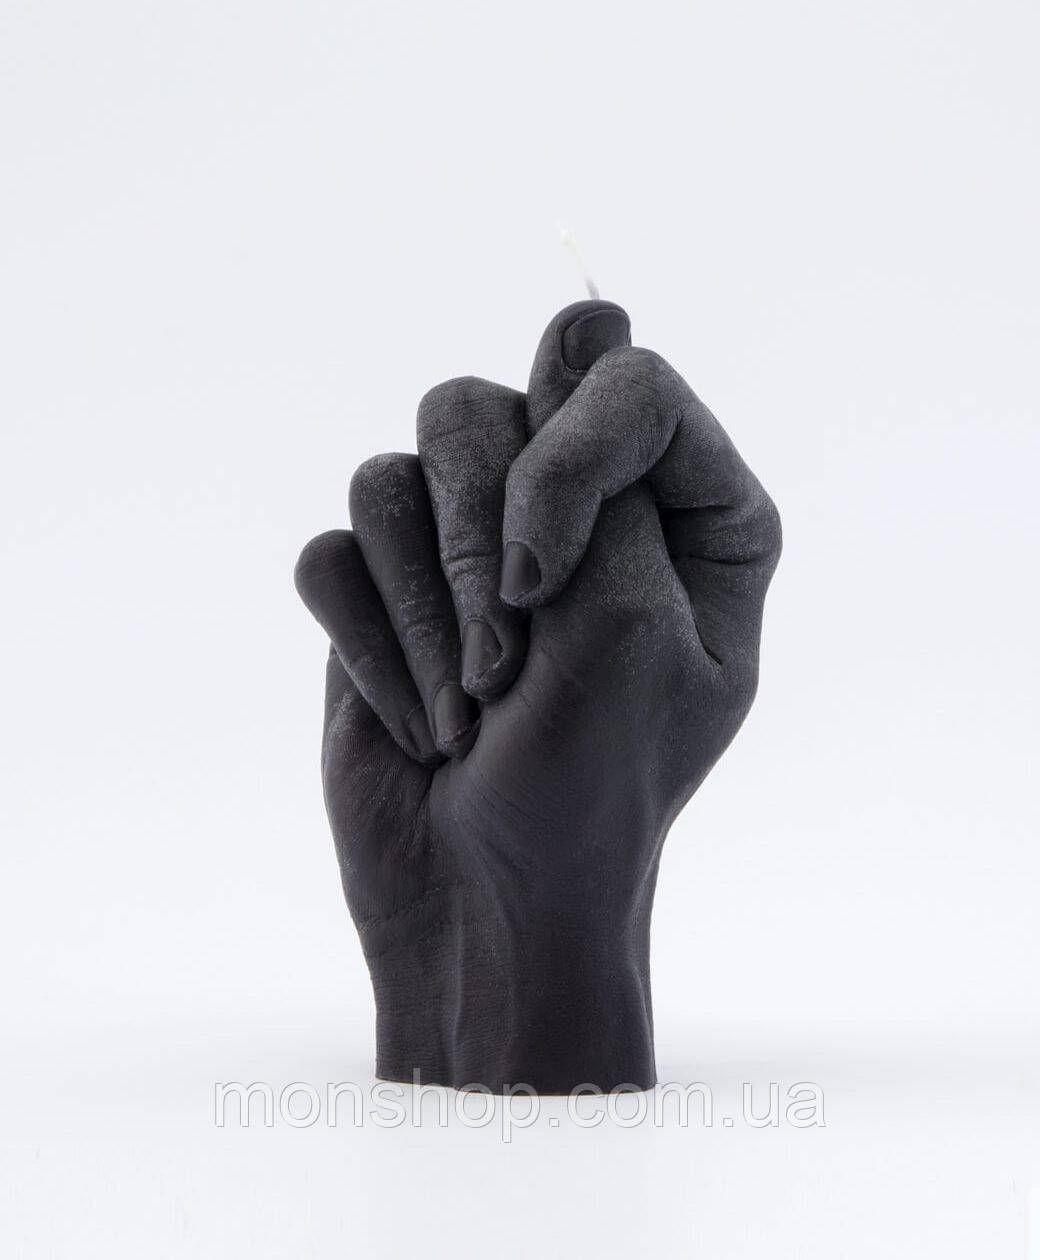 Свеча в виде руки Фига (цвет на выбор)